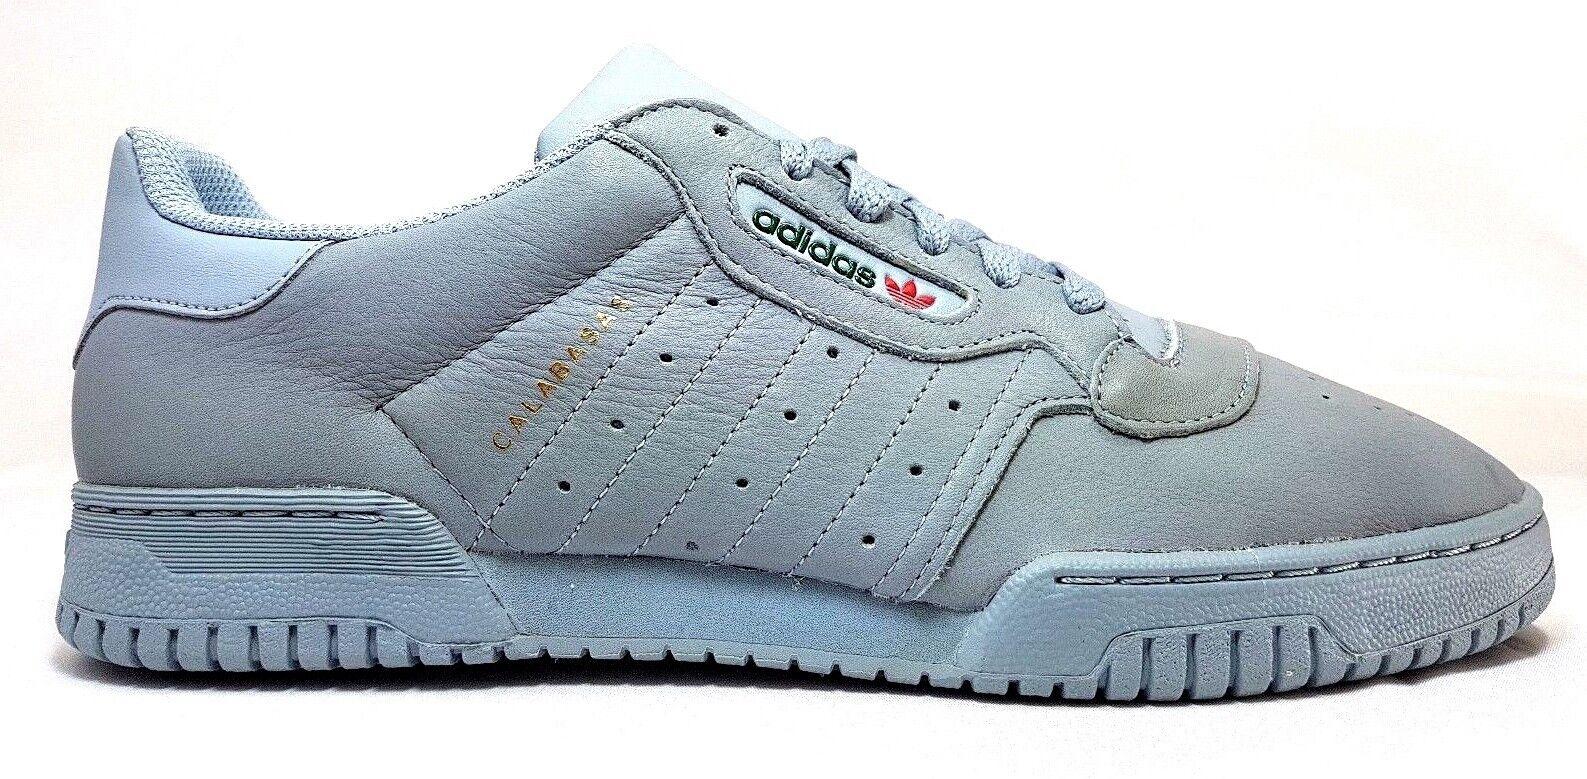 Adidas yeezy powerphase calabasas kern grau von - kanye west, herren - von größe 11 cg6422 6591f3